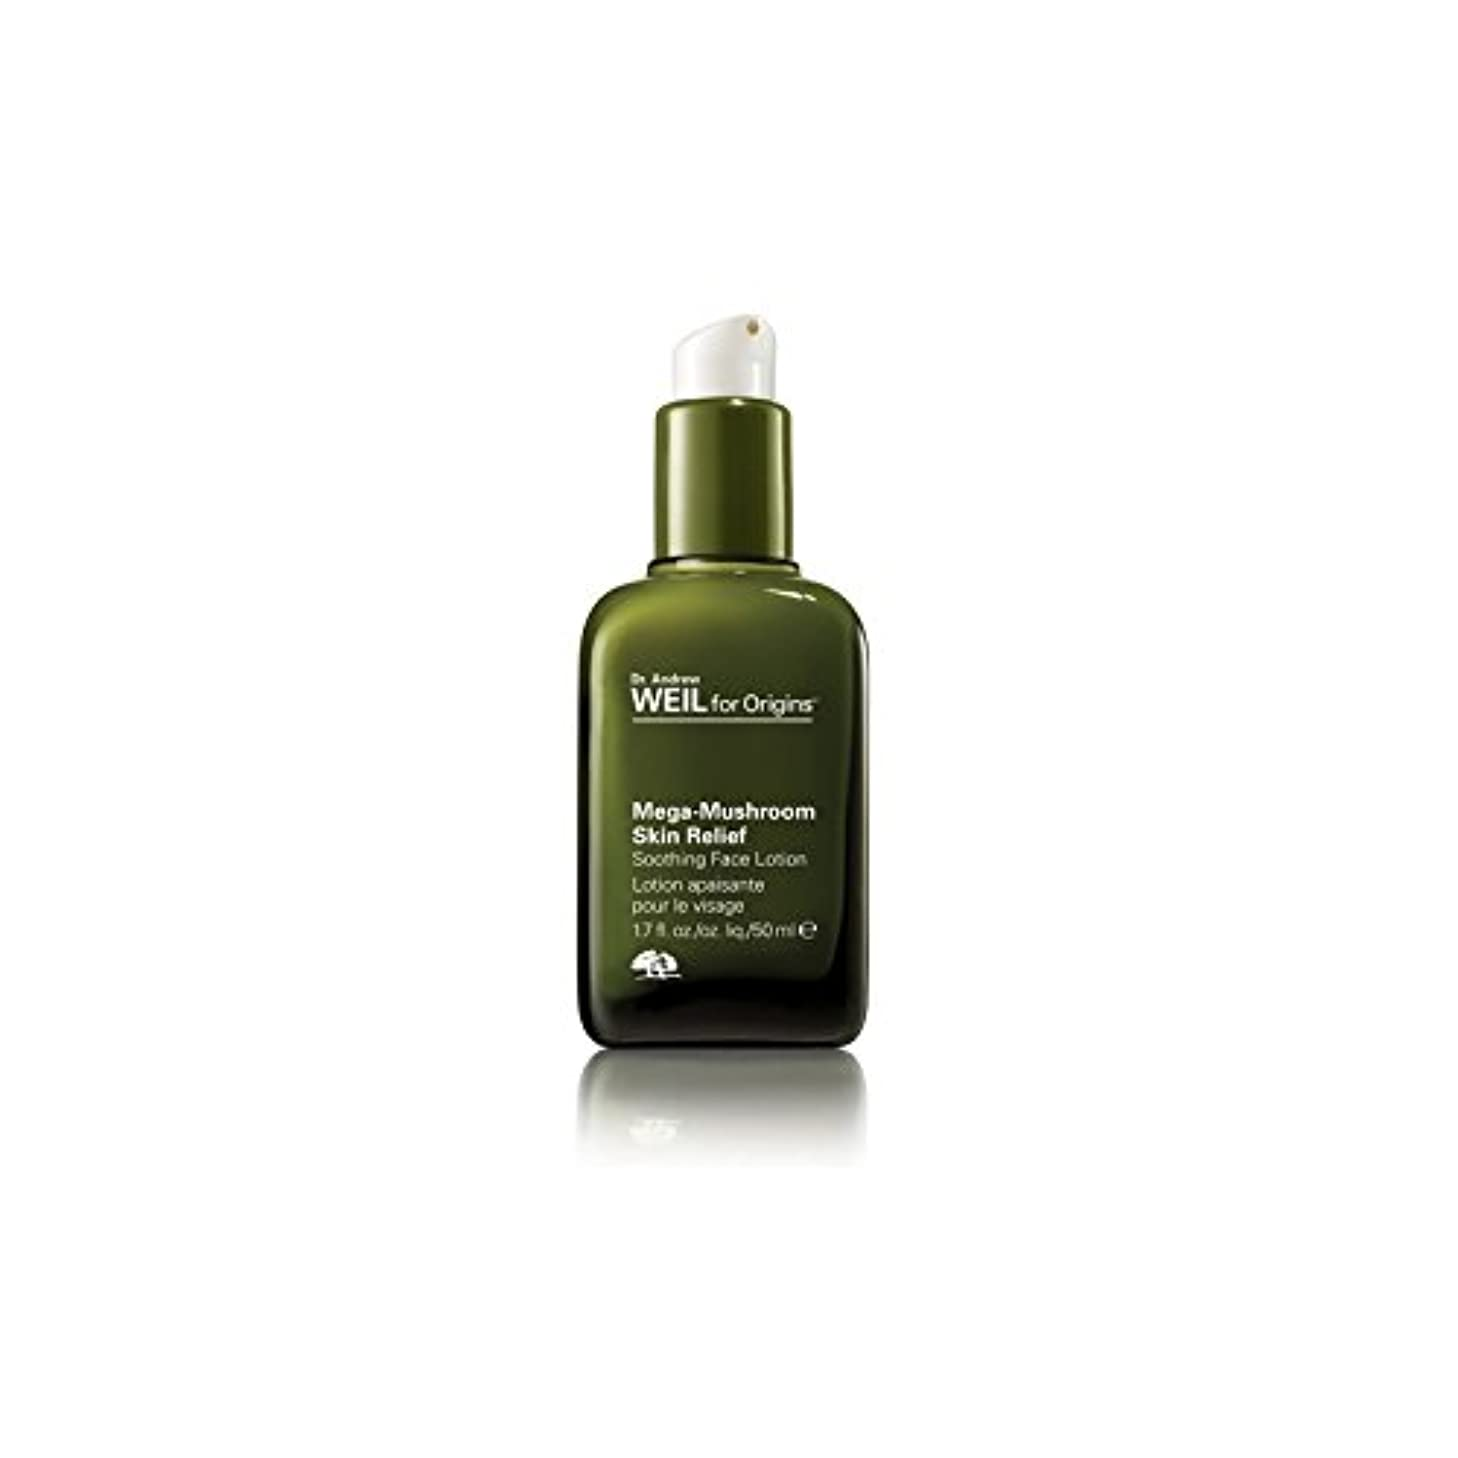 ルー真向こう憎しみOrigins Dr. Andrew Weil For Origins Mega-Mushroom Skin Relief Soothing Face Lotion 50ml (Pack of 6) - 起源アンドルー?ワイル...